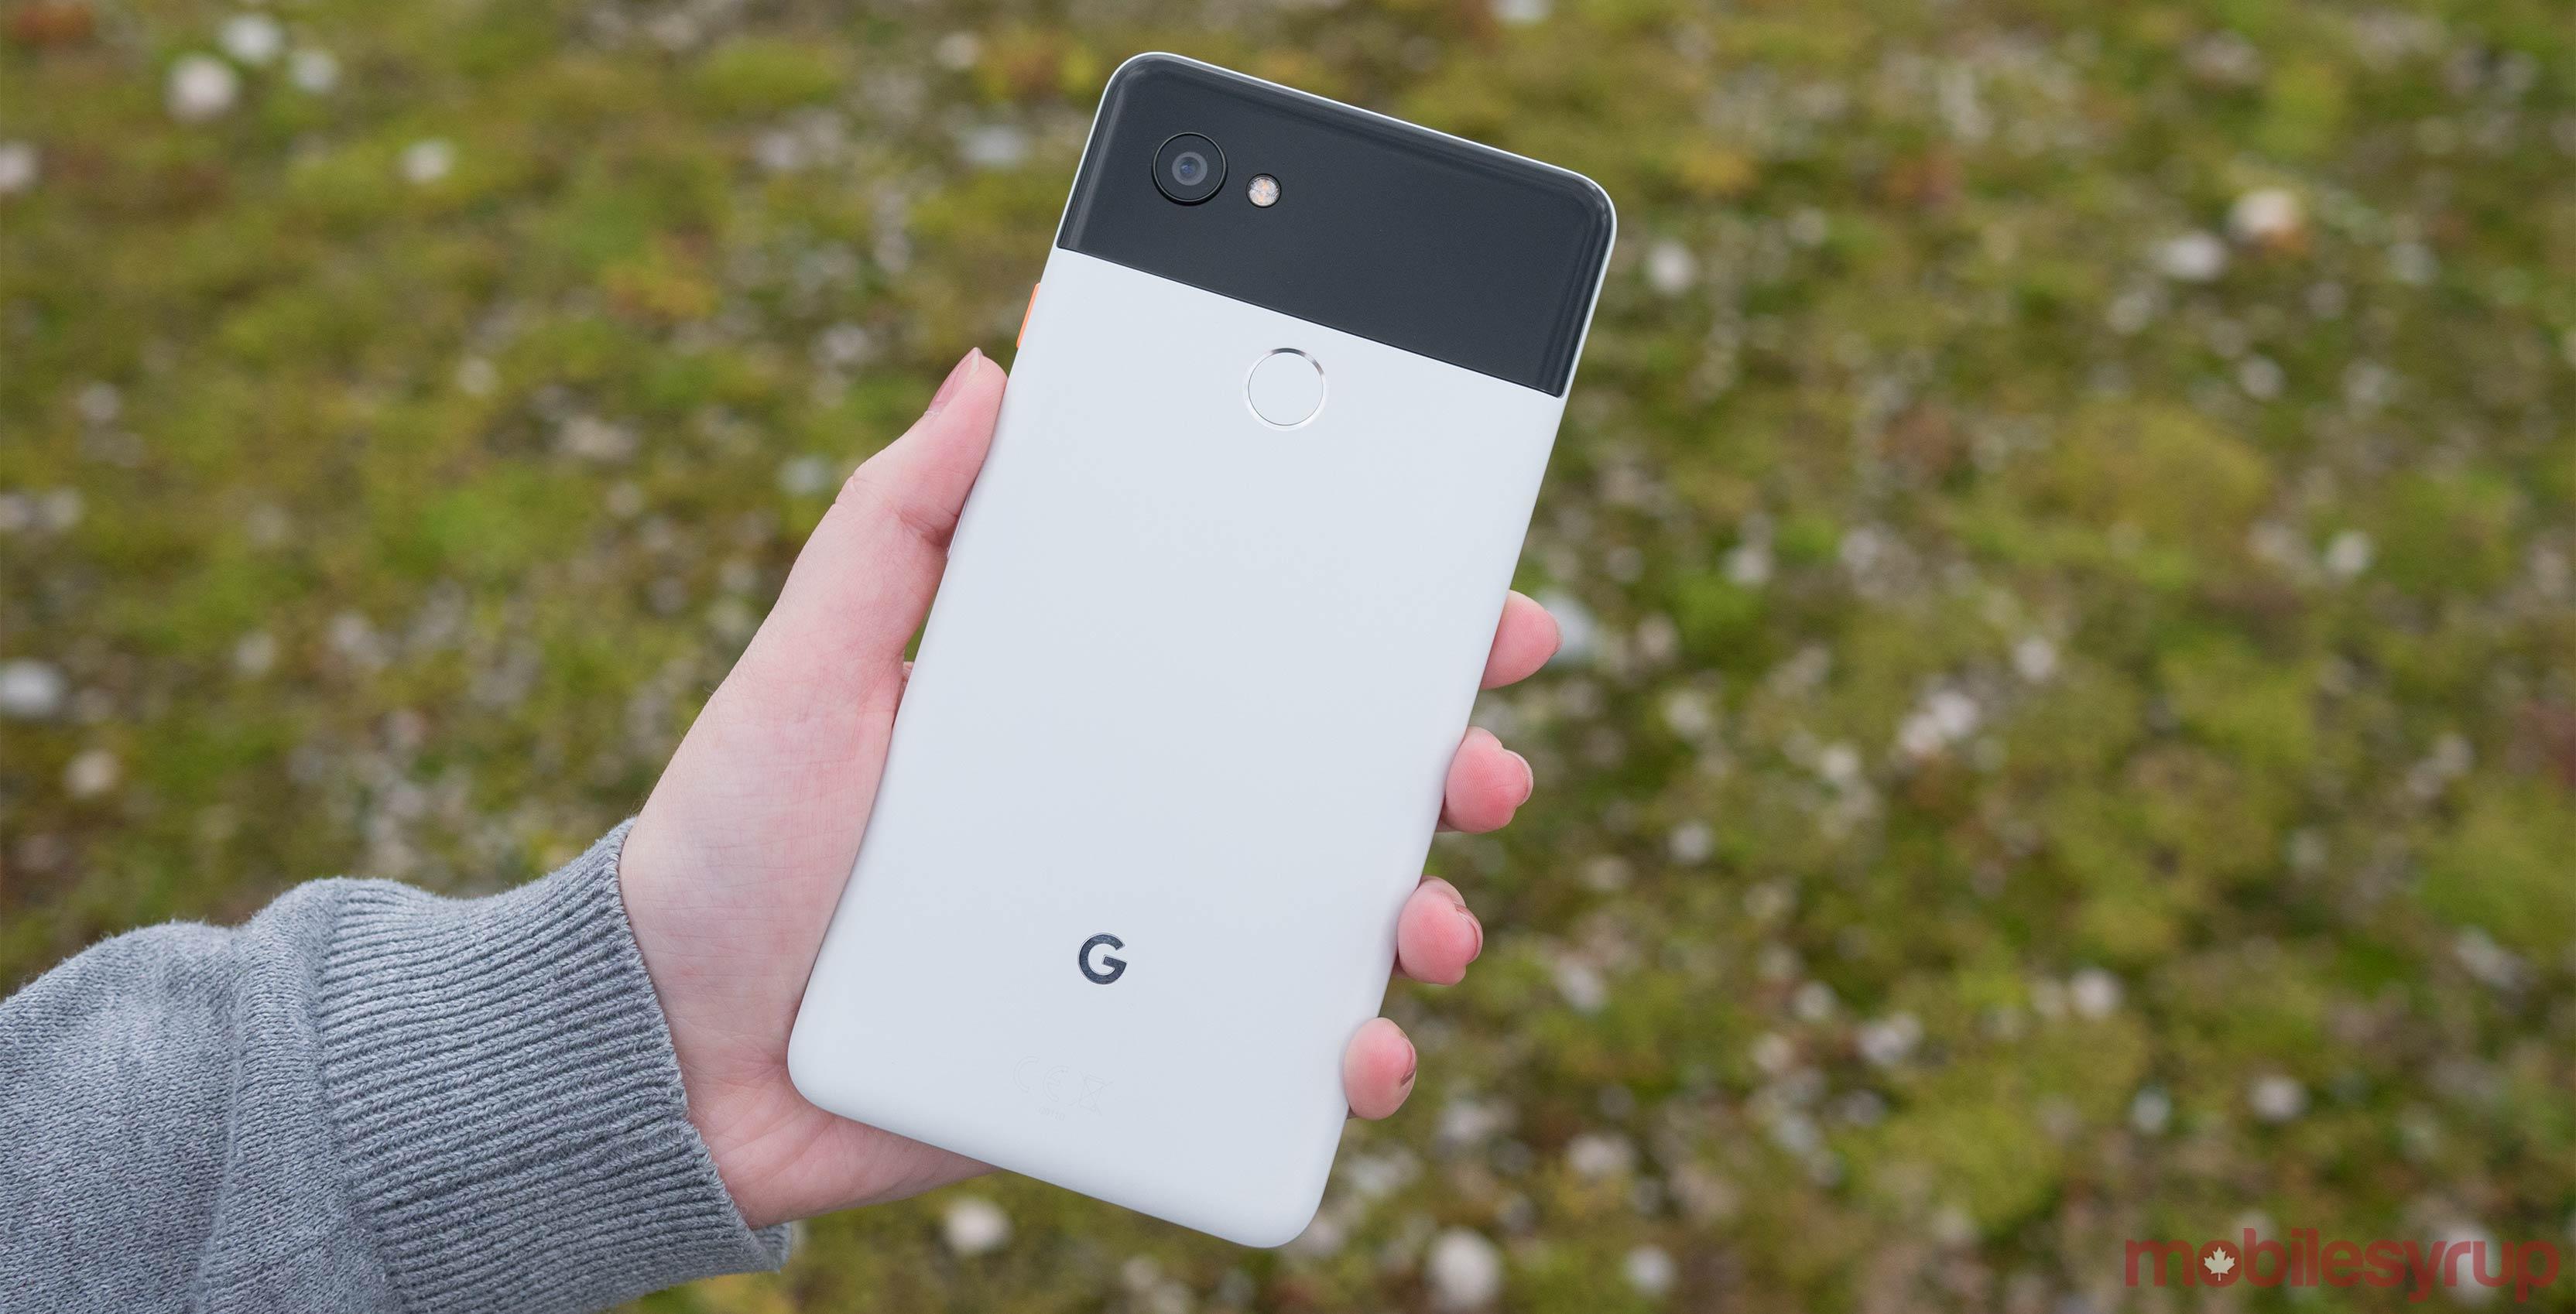 Google Pixel rear in hand